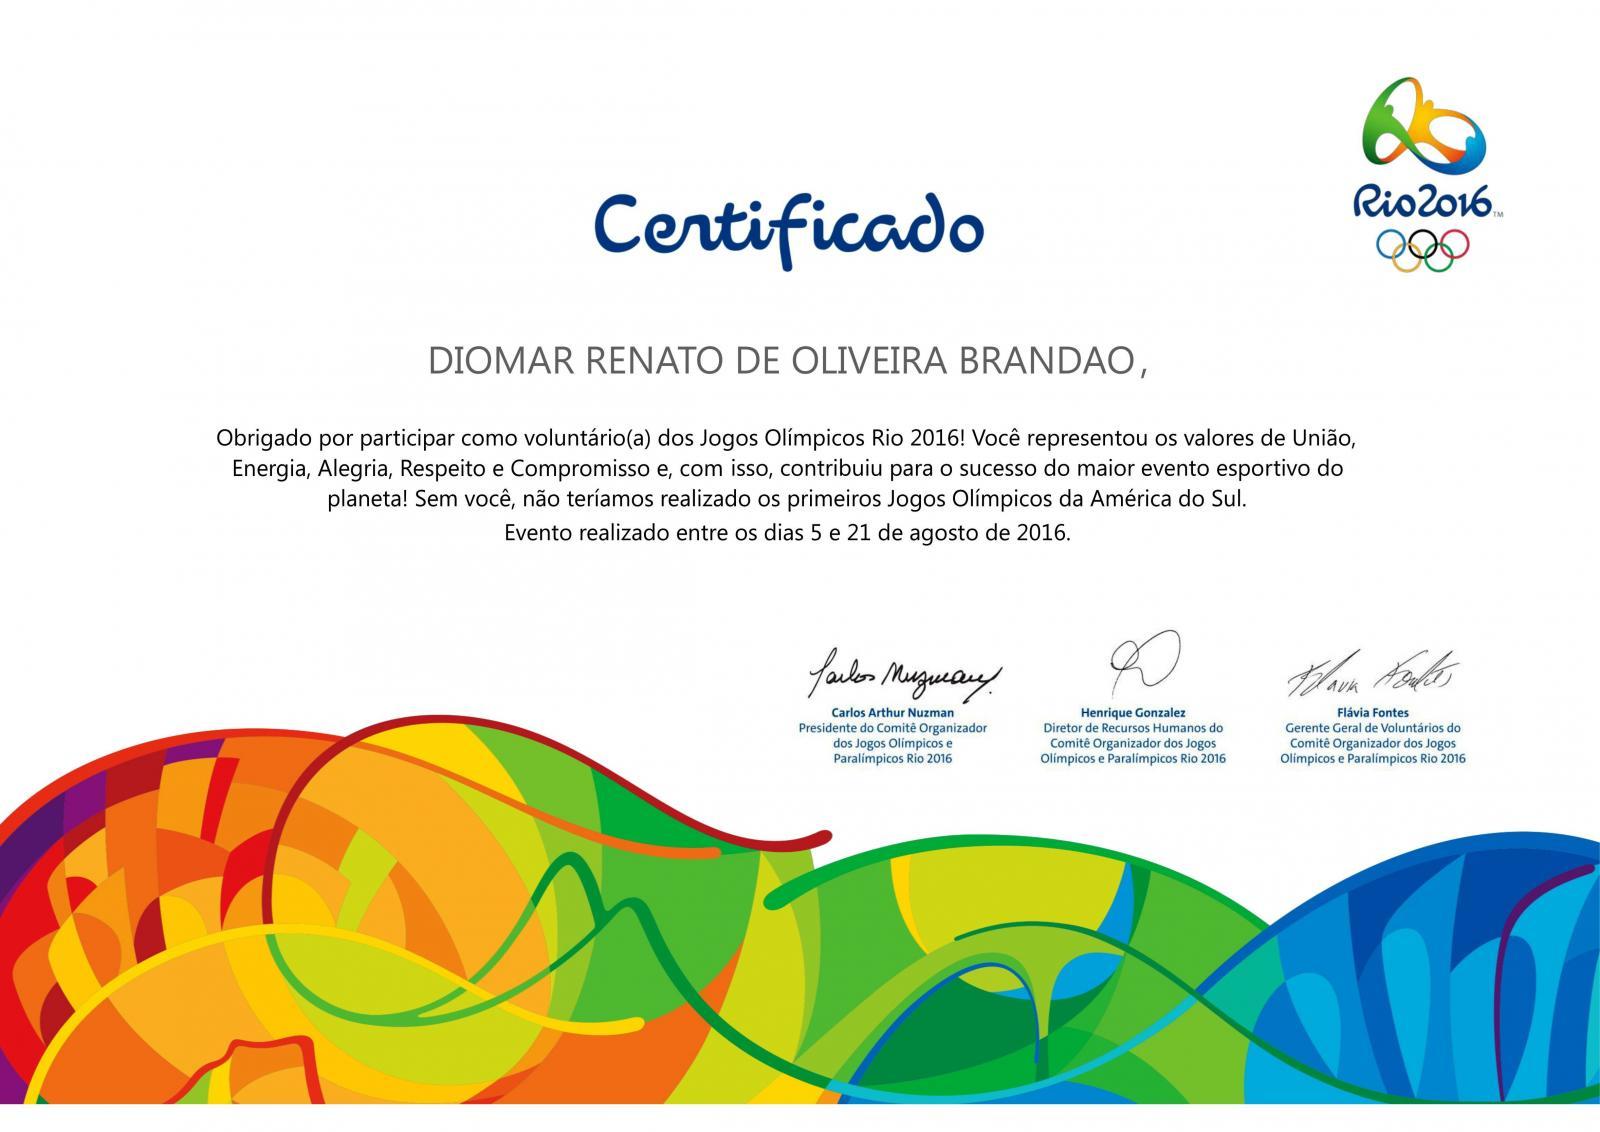 certificado%20Rio%202016%20diomar.jpg